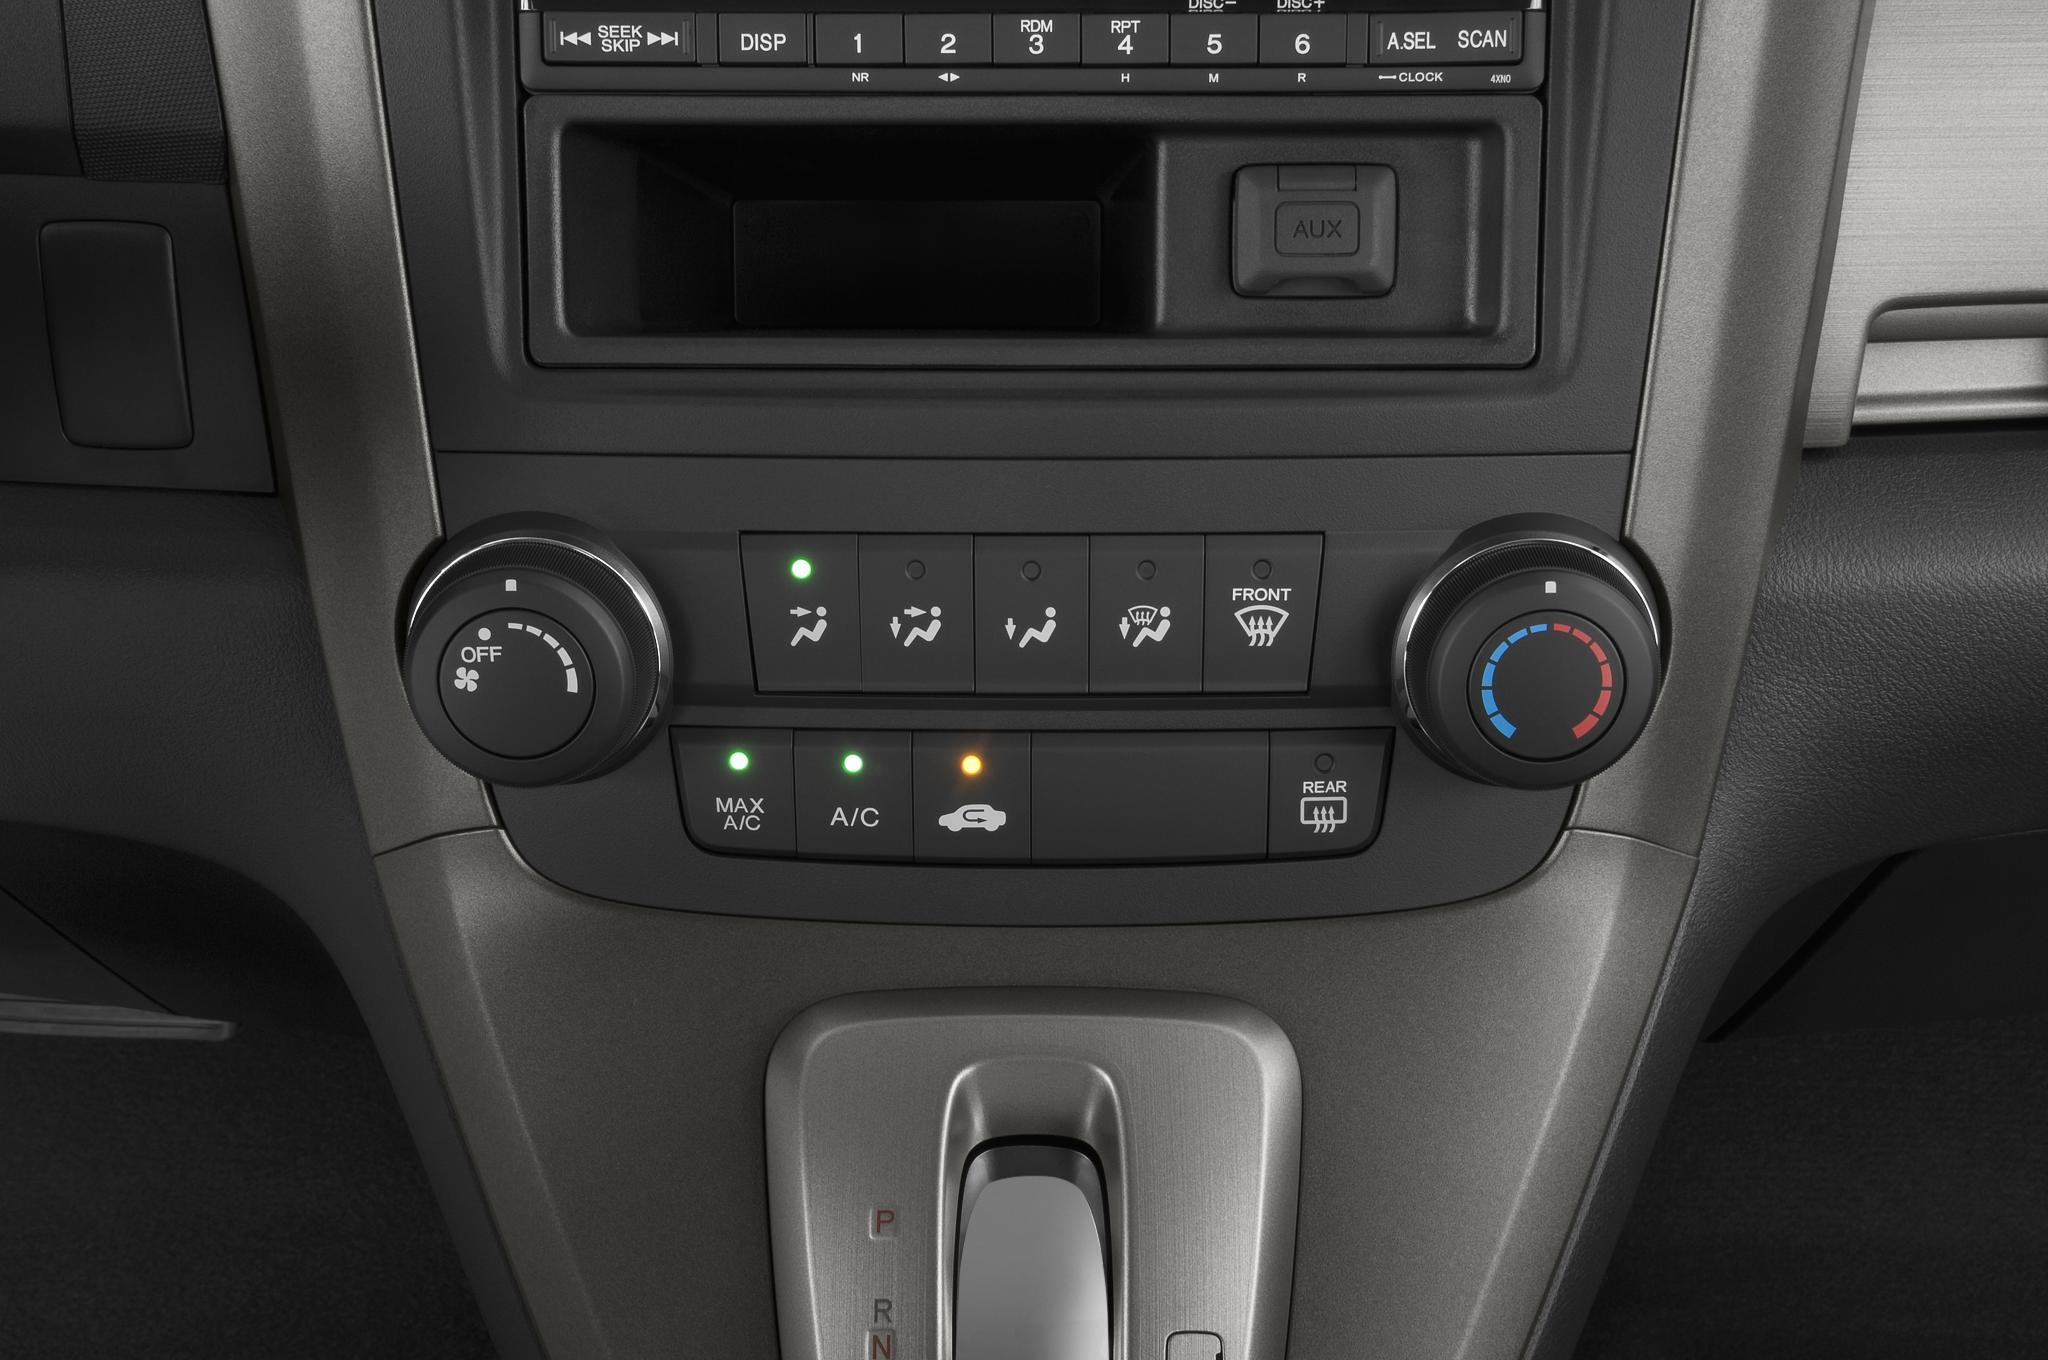 2000 Honda Accord Engine Wiring Harness